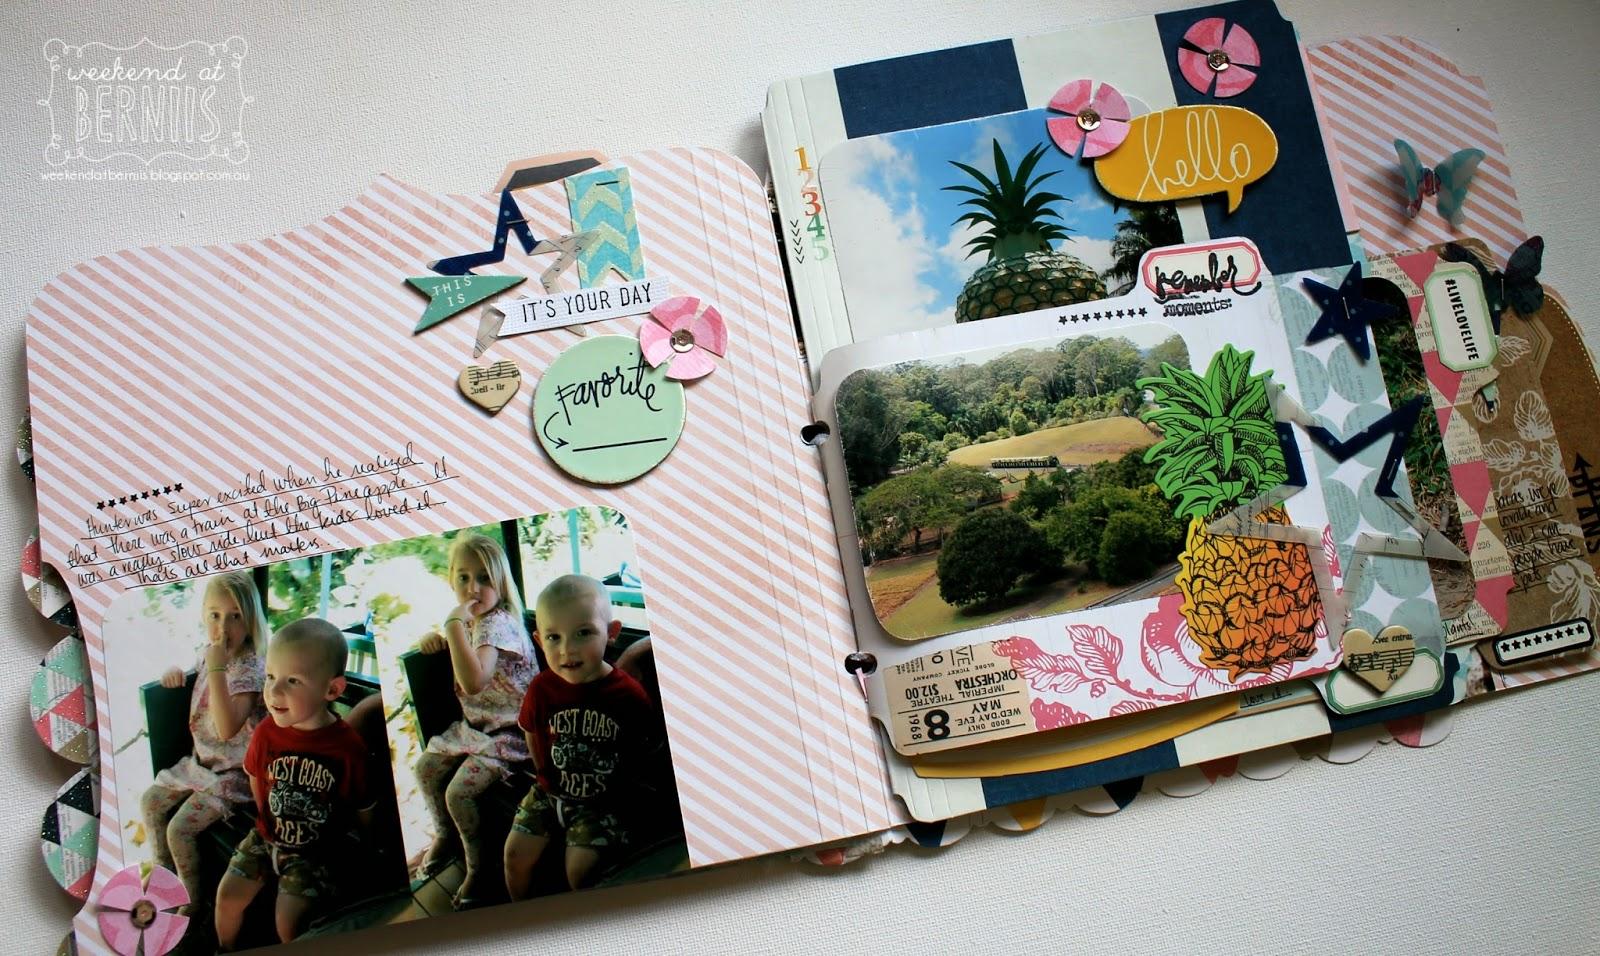 Fabulous - memory File by Bernii Miller